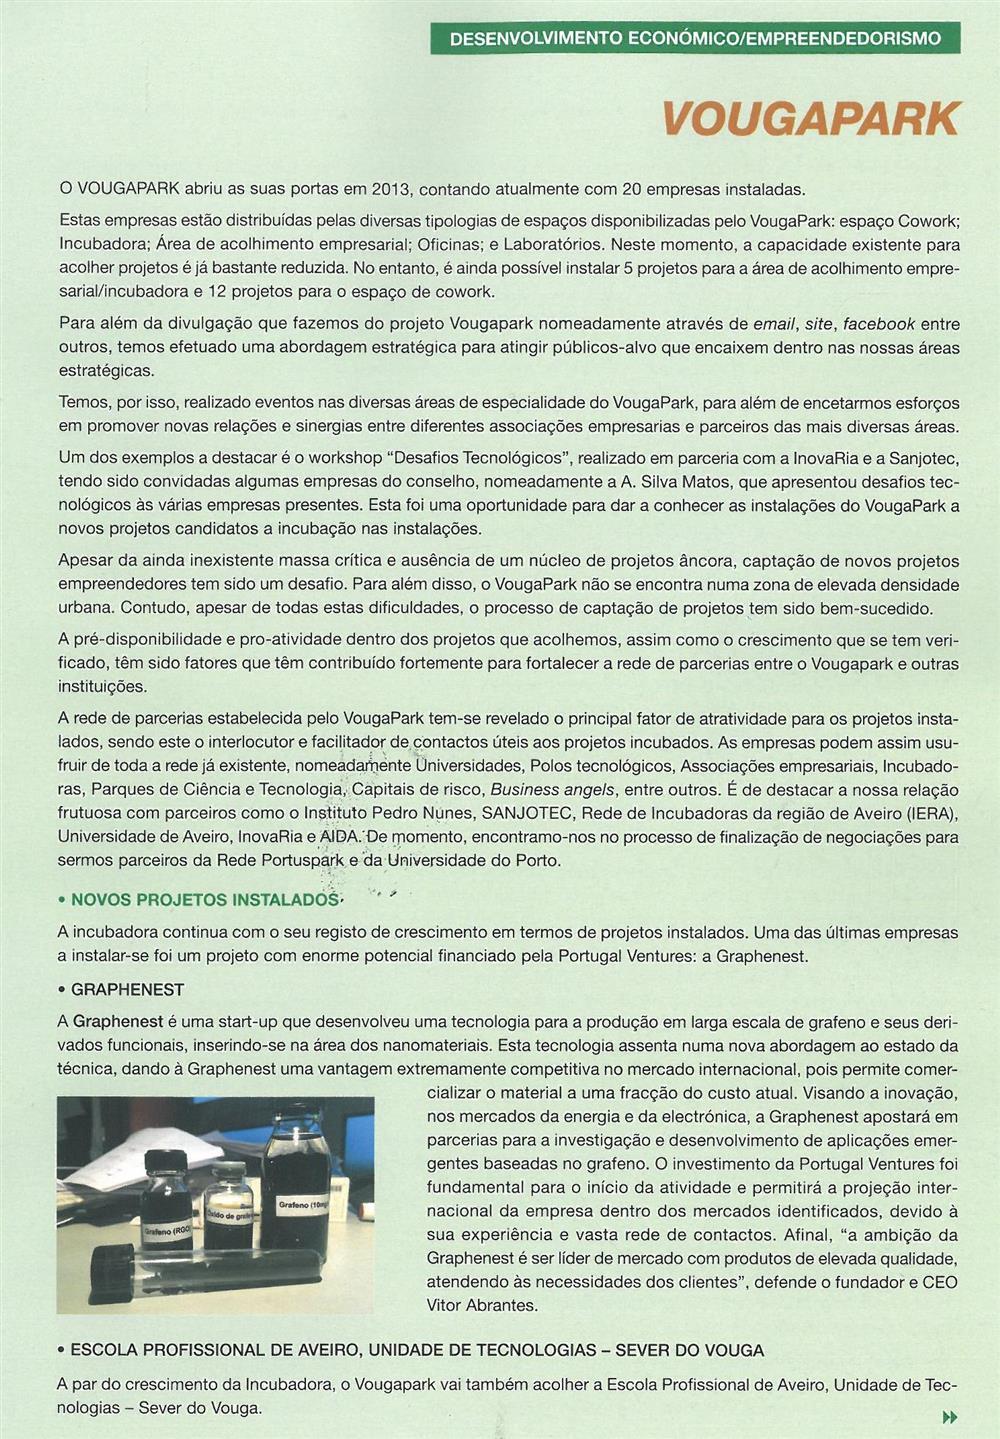 BoletimMunicipal-n.º32-nov.'15-p.9-VougaPark [1.ª de sete partes] : desenvolvimento económico : empreendedorismo.jpg